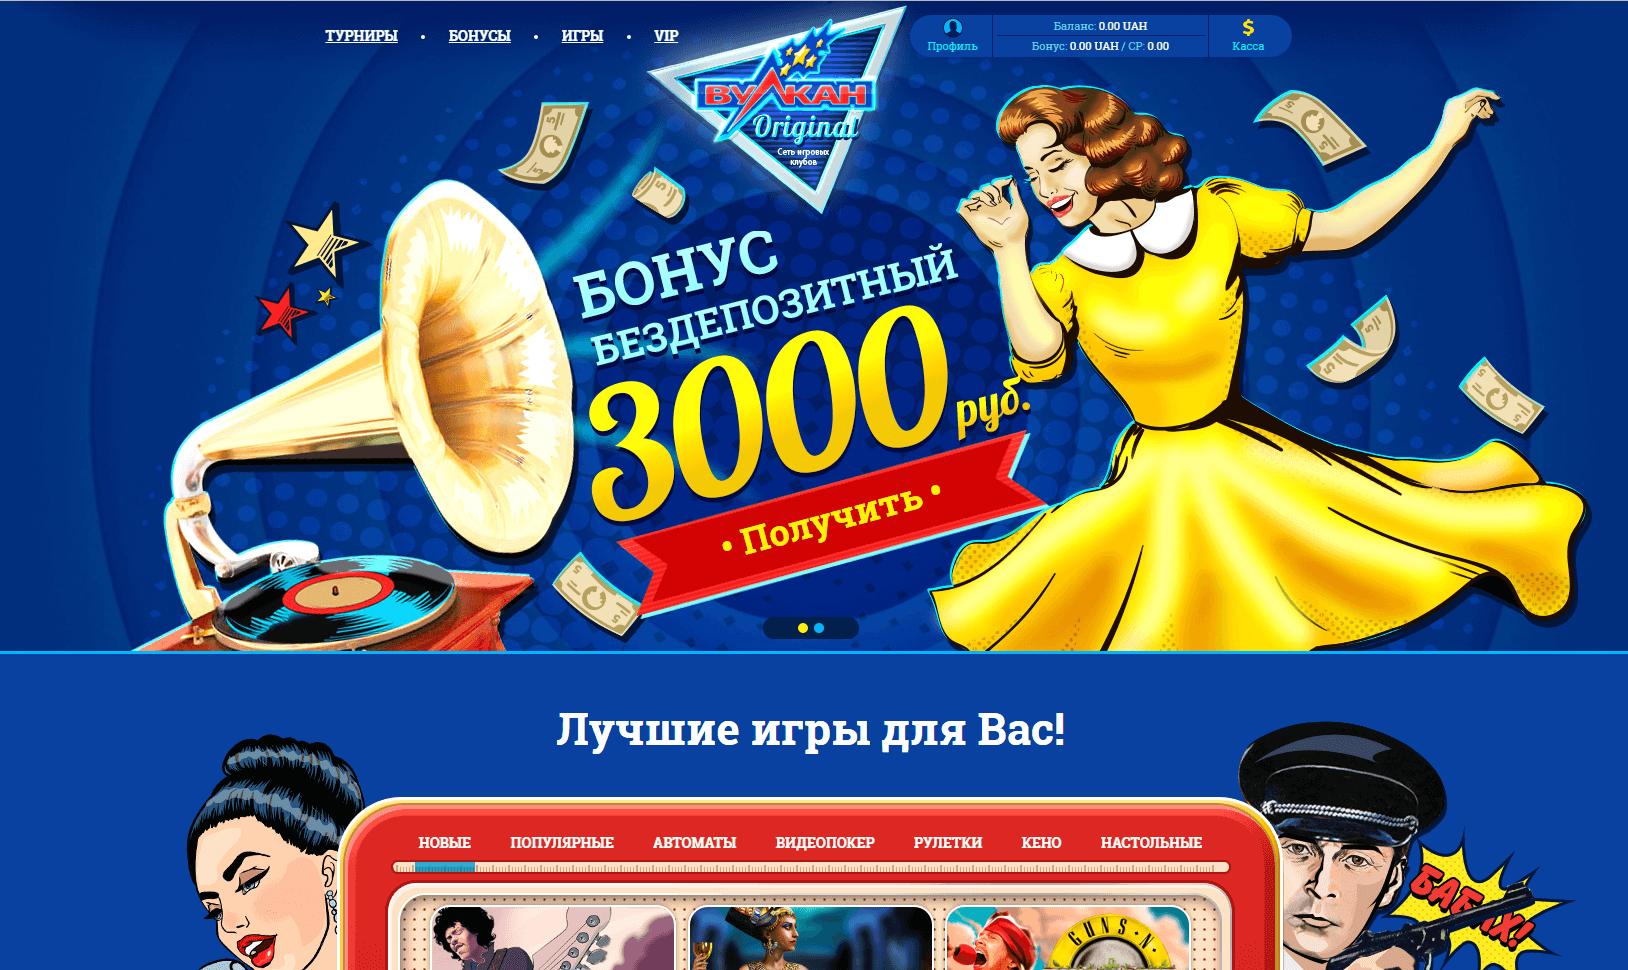 Казино вулкан 3000 казино рулетка играть бесплатно на виртуальные деньги